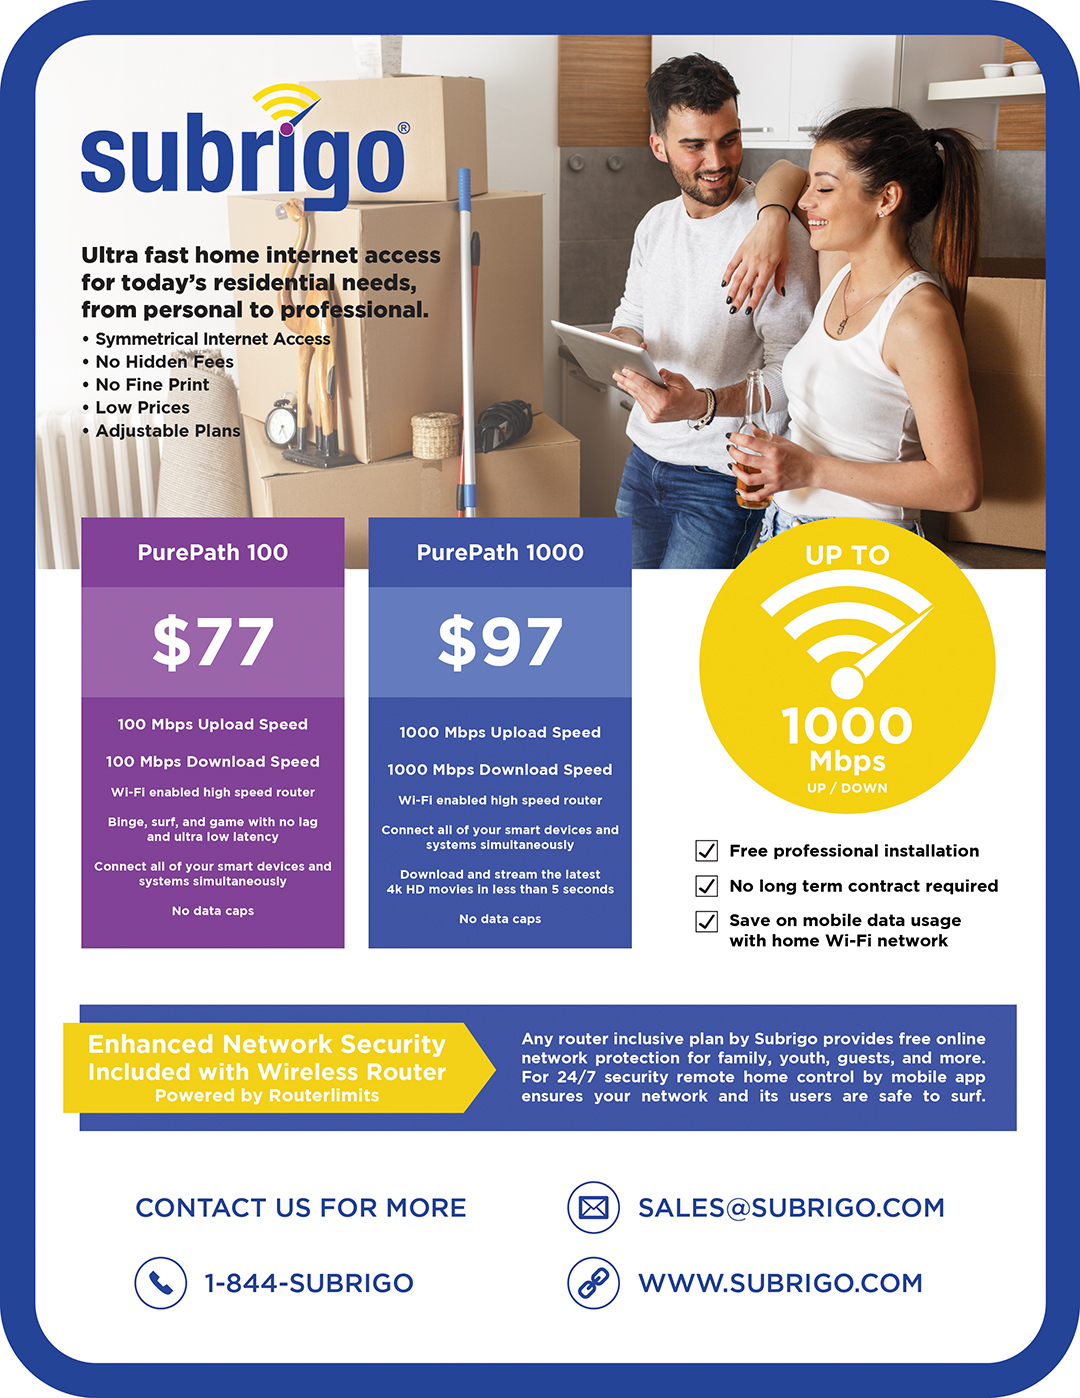 flyer design for subrigo